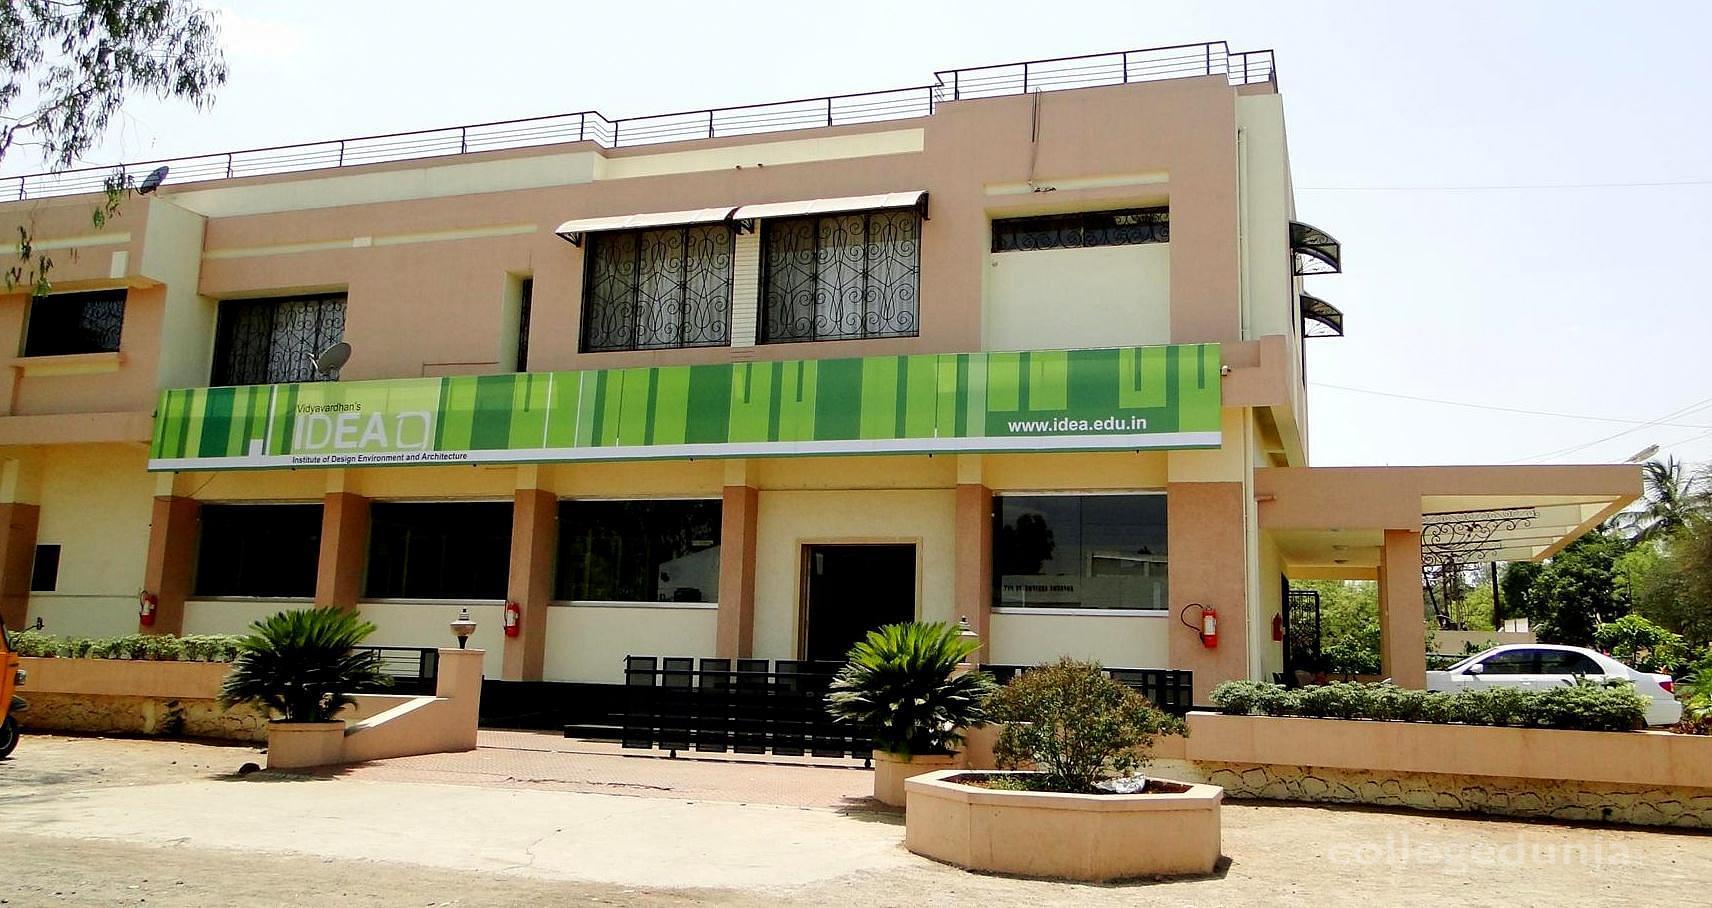 Institute of Design Environment and Architecture - [IDEA]